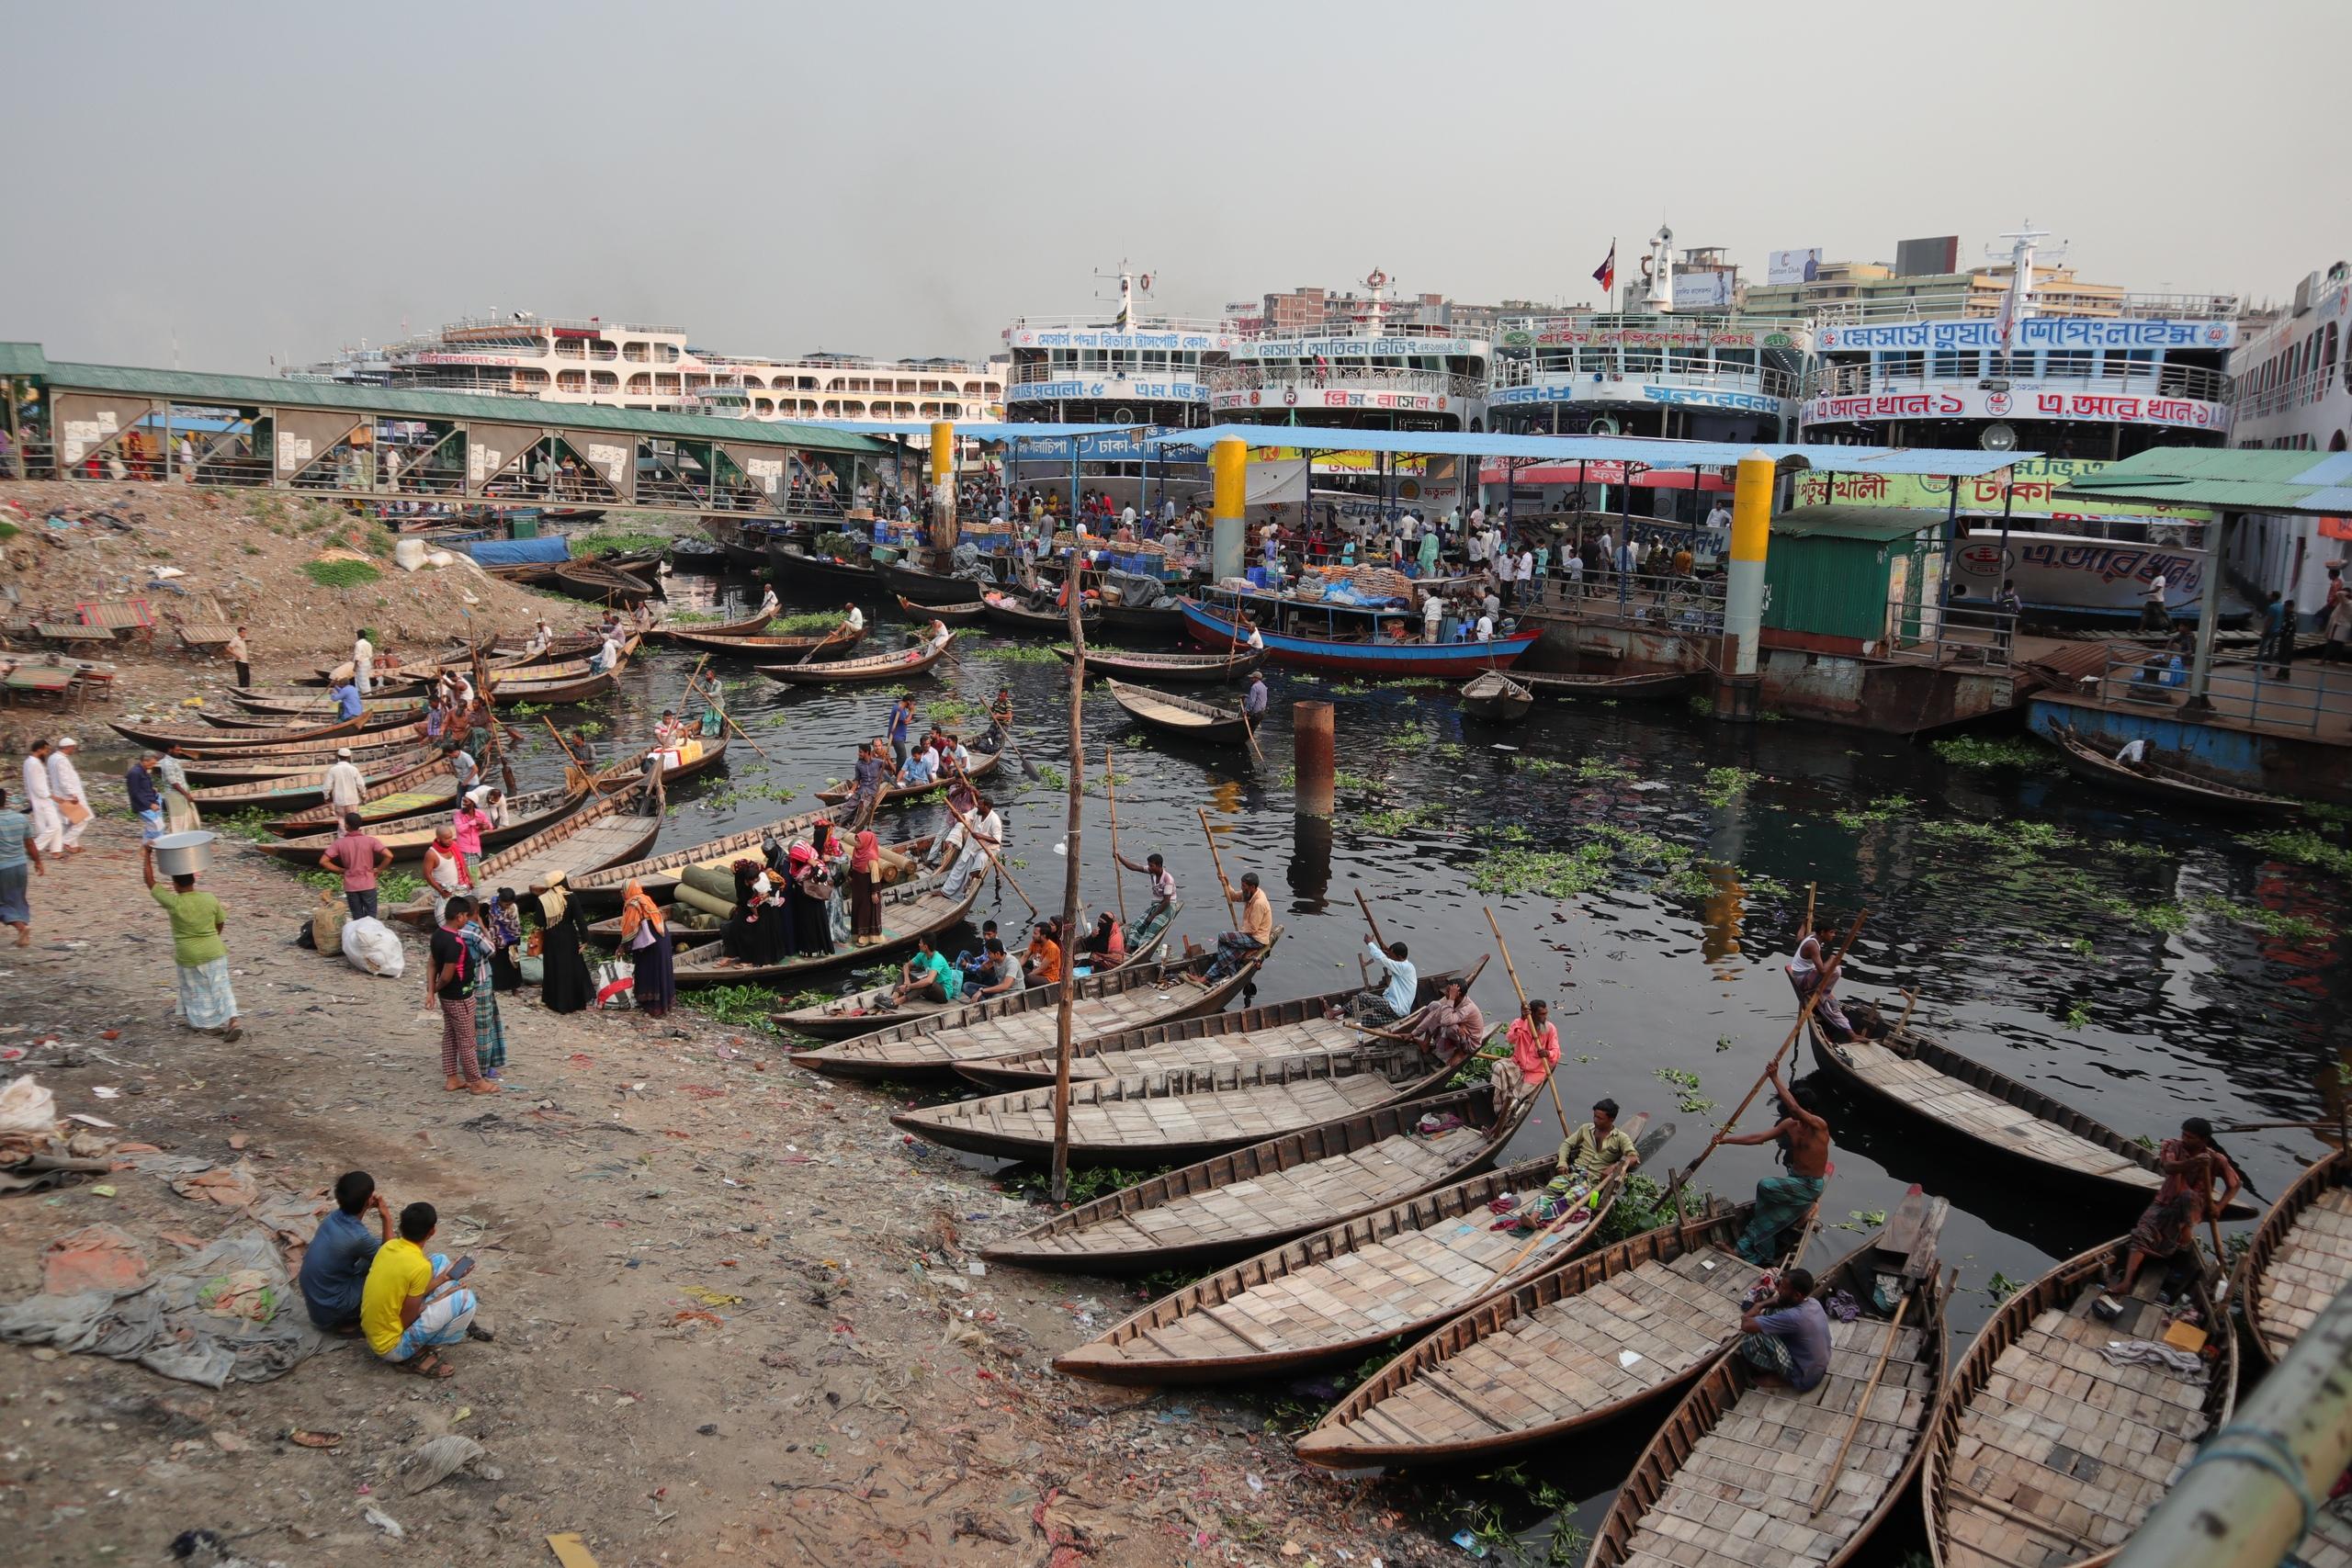 Старая Дакка только, корабли, просто, Бангладеша, прямо, играют, людей, стороне, можно, такая, Ганга, другой, которой, активно, каюты, плывут, кажется, велорикш, лодки, рублей